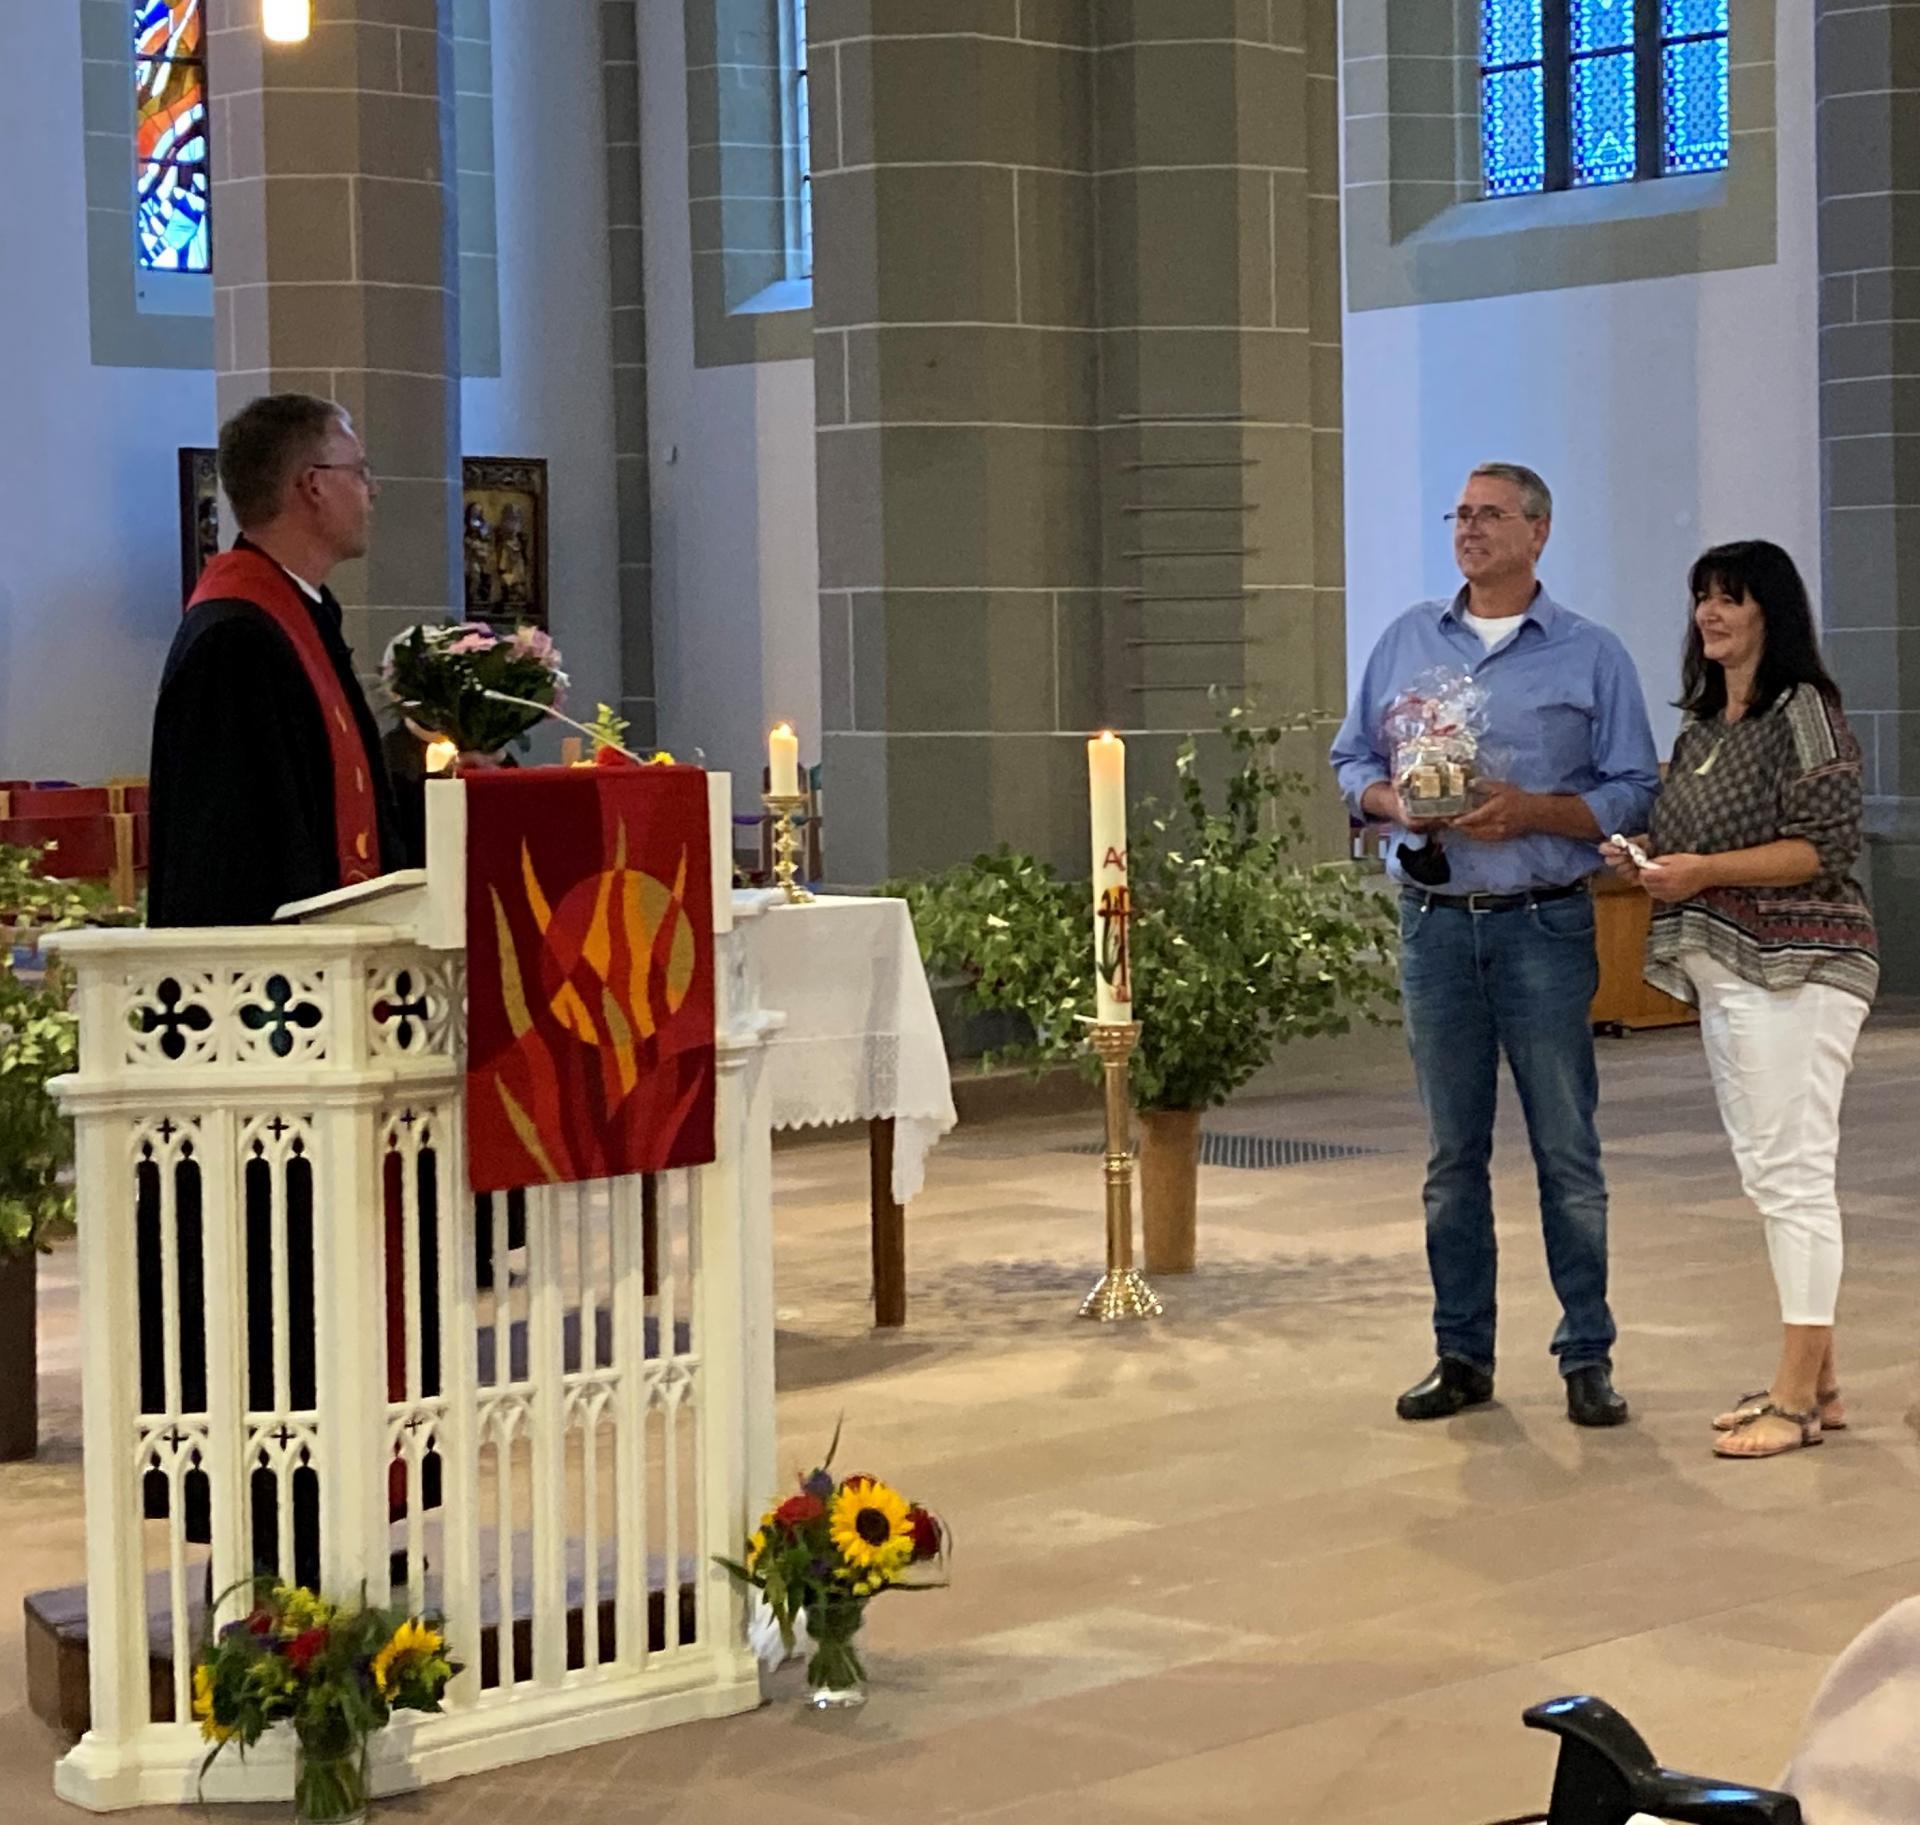 Am gleichen Abend wurde Sönke Ehrhardt, hier an der Seite seiner Frau, von Pastor Stefan Leonhardt in sein Amt eingeführt